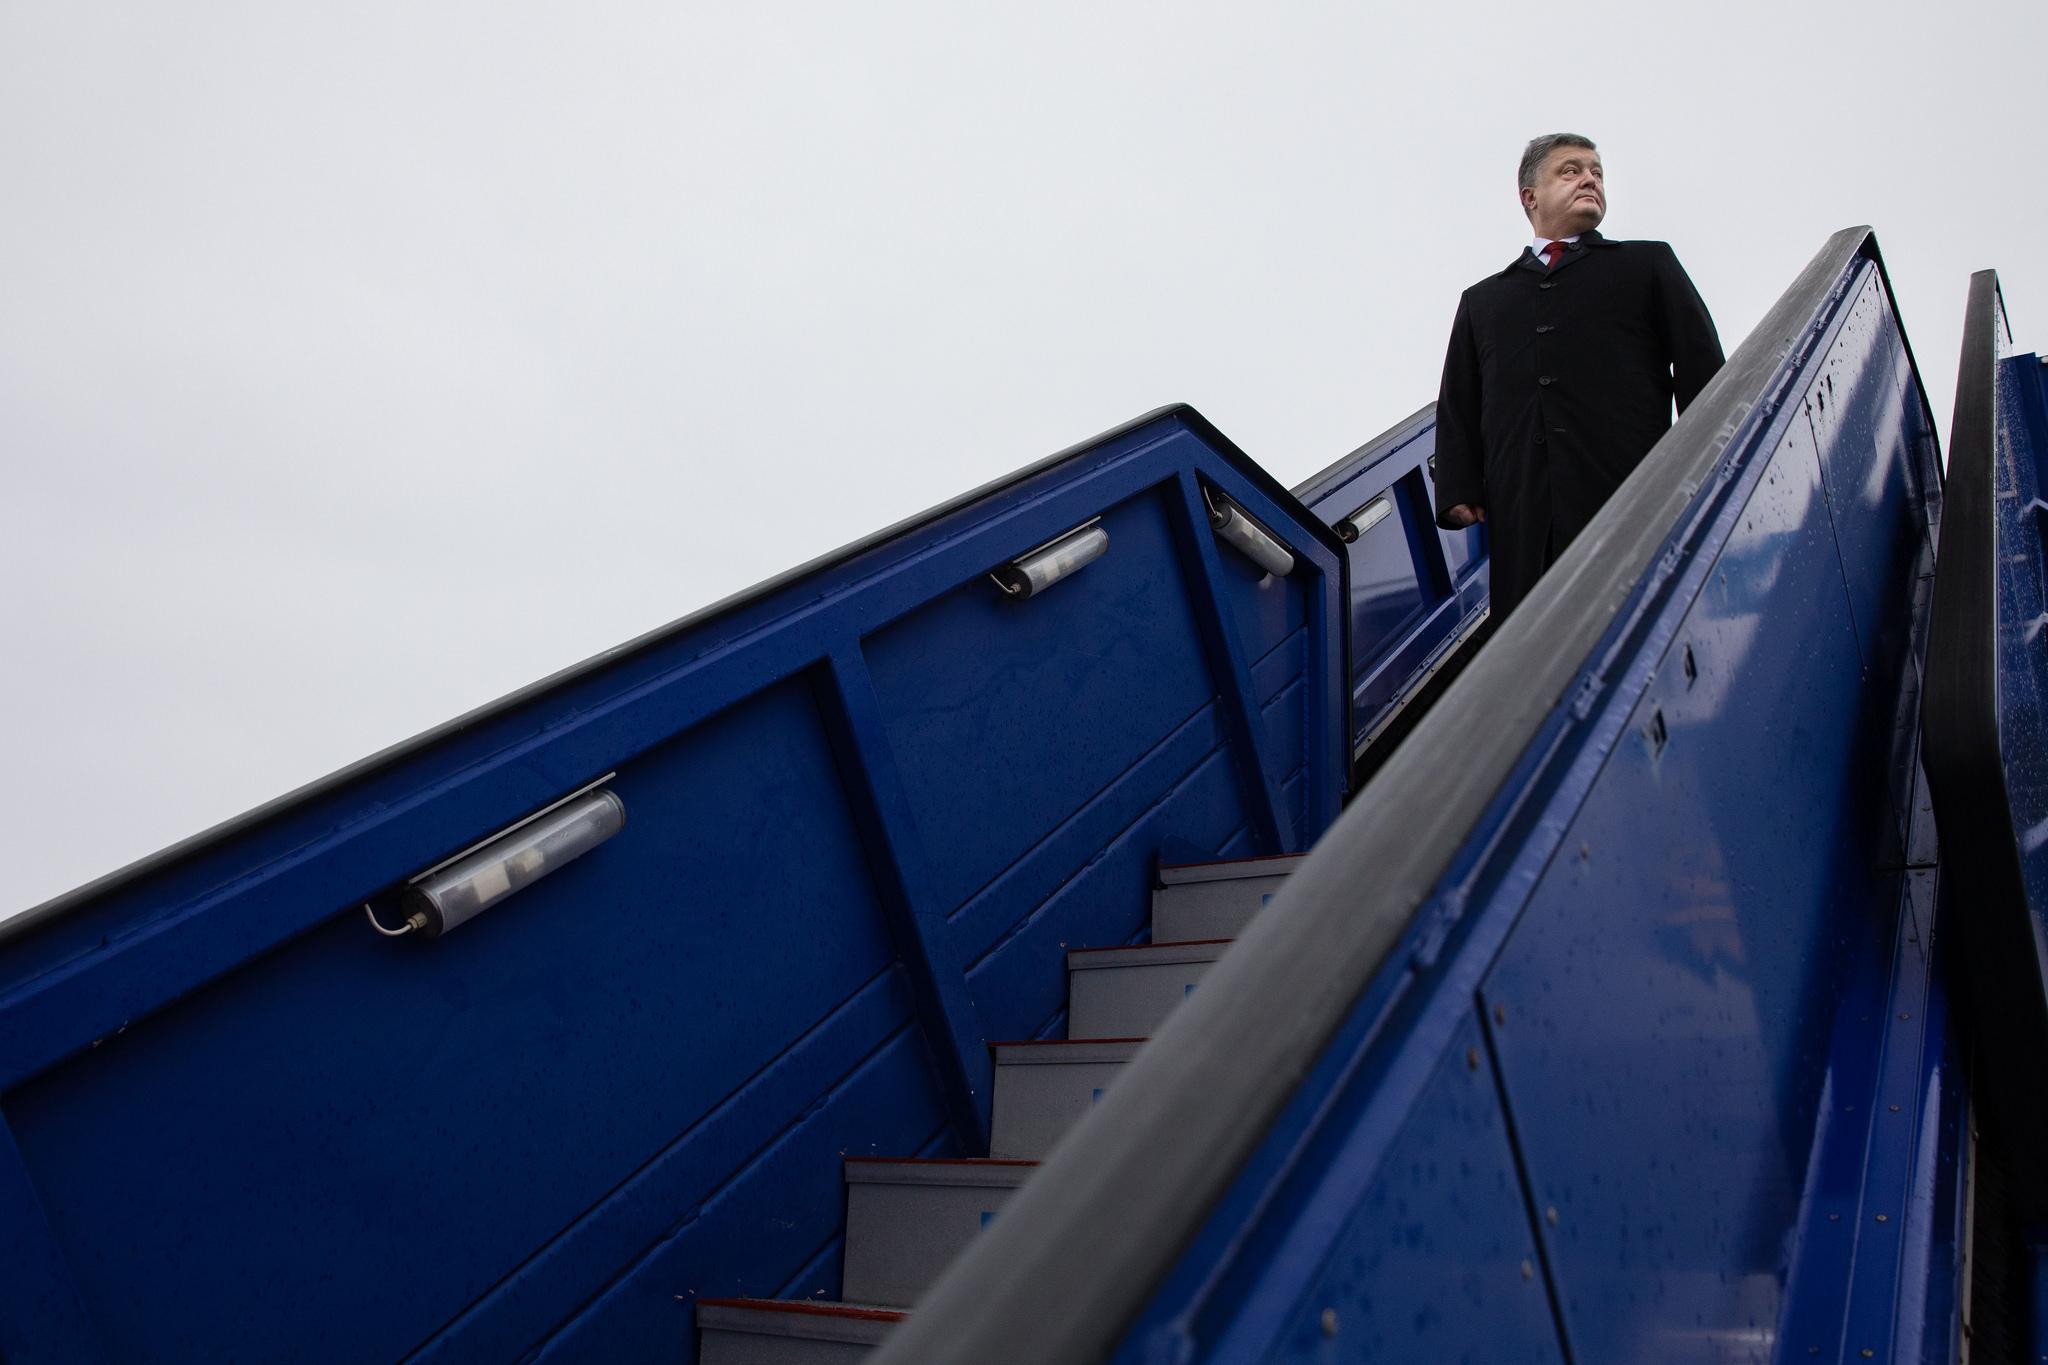 Только в этом году Порошенко может избраться на второй срок